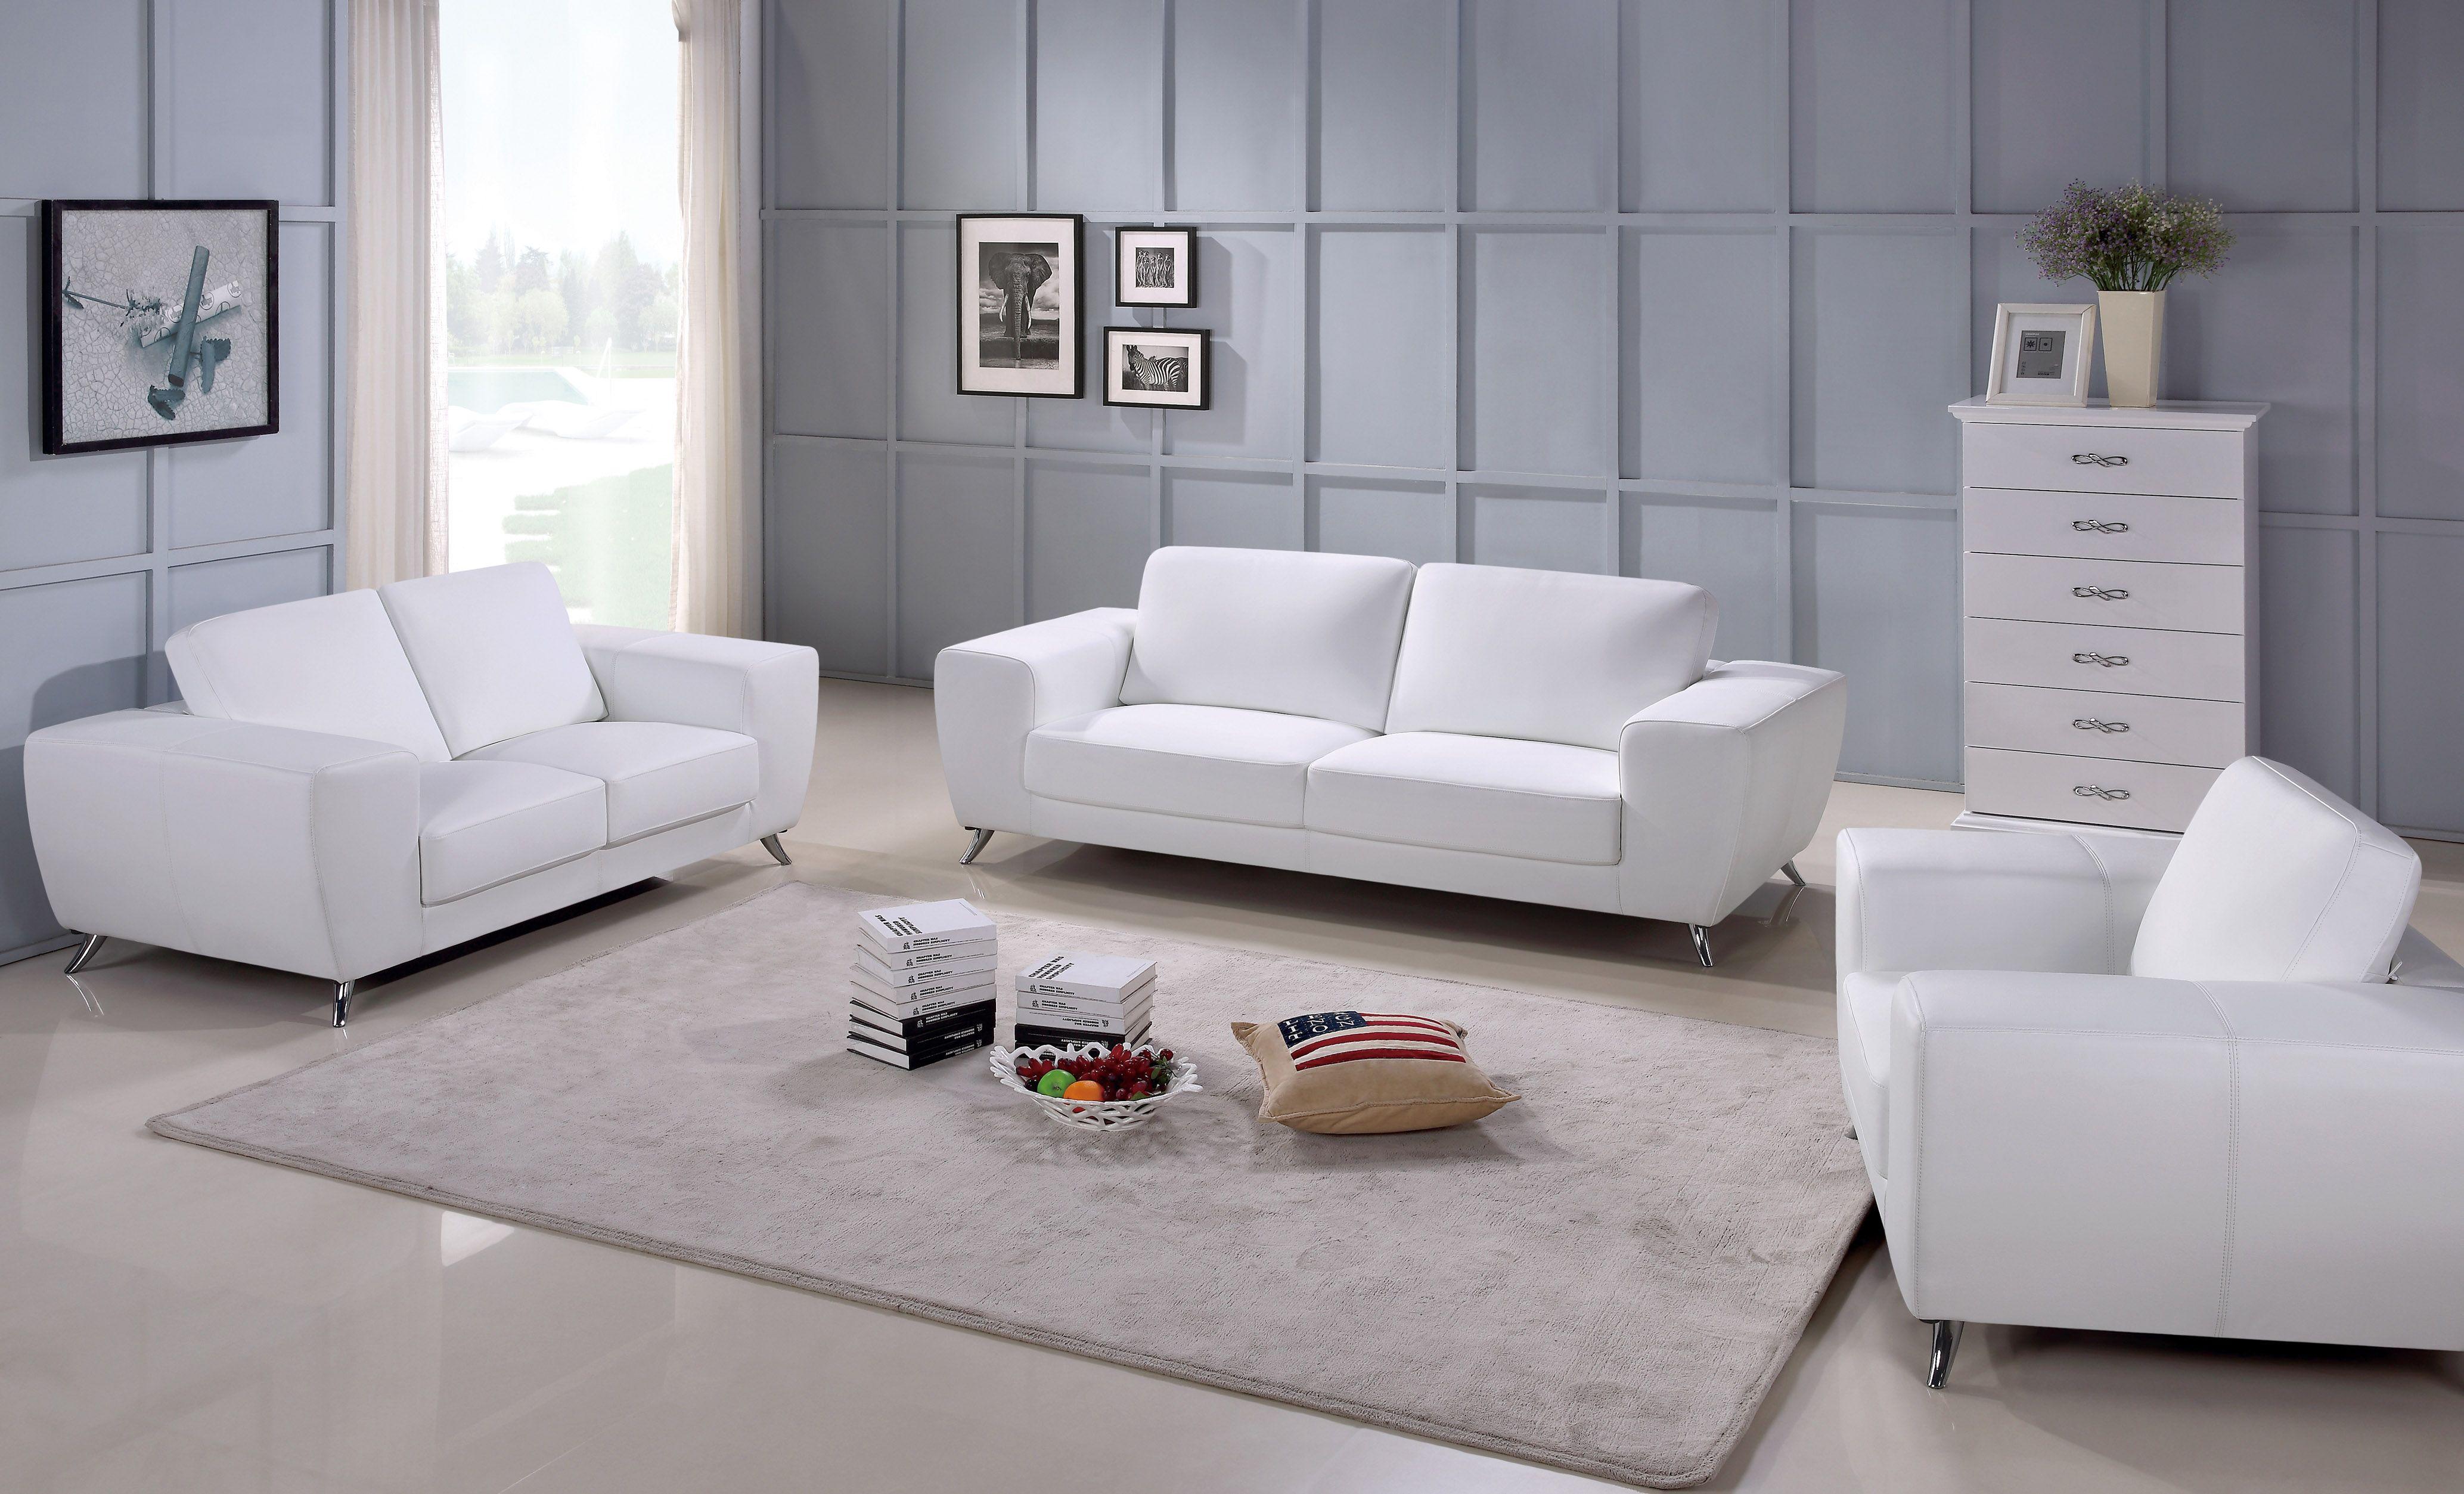 Julie Contemporary Sofa Set With Italian Leather In 2020 Contemporary Sofa Set Living Room Sets Contemporary Sofa